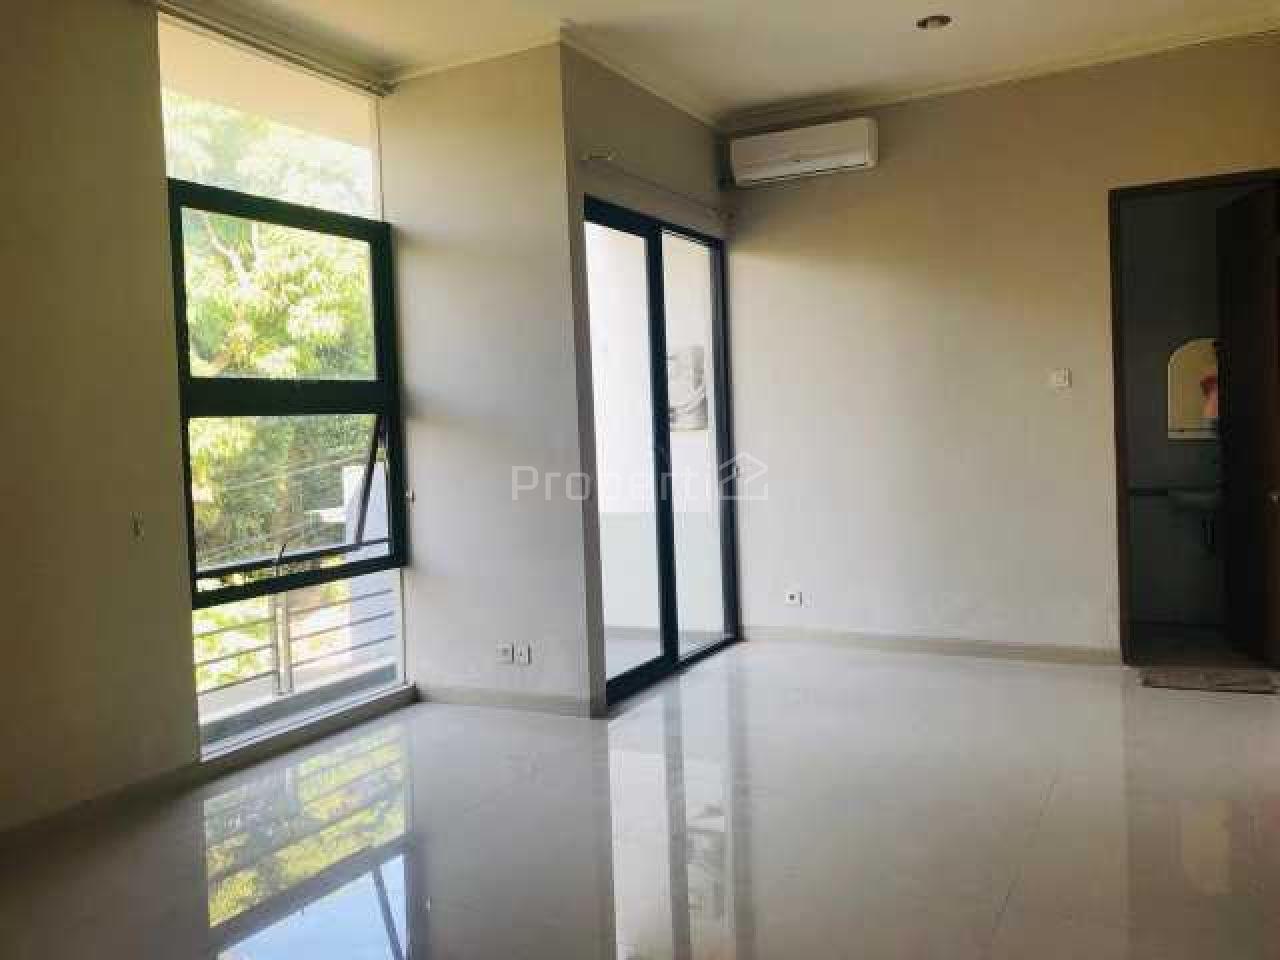 New House at Setra Murni, Bandung City, Sukasari